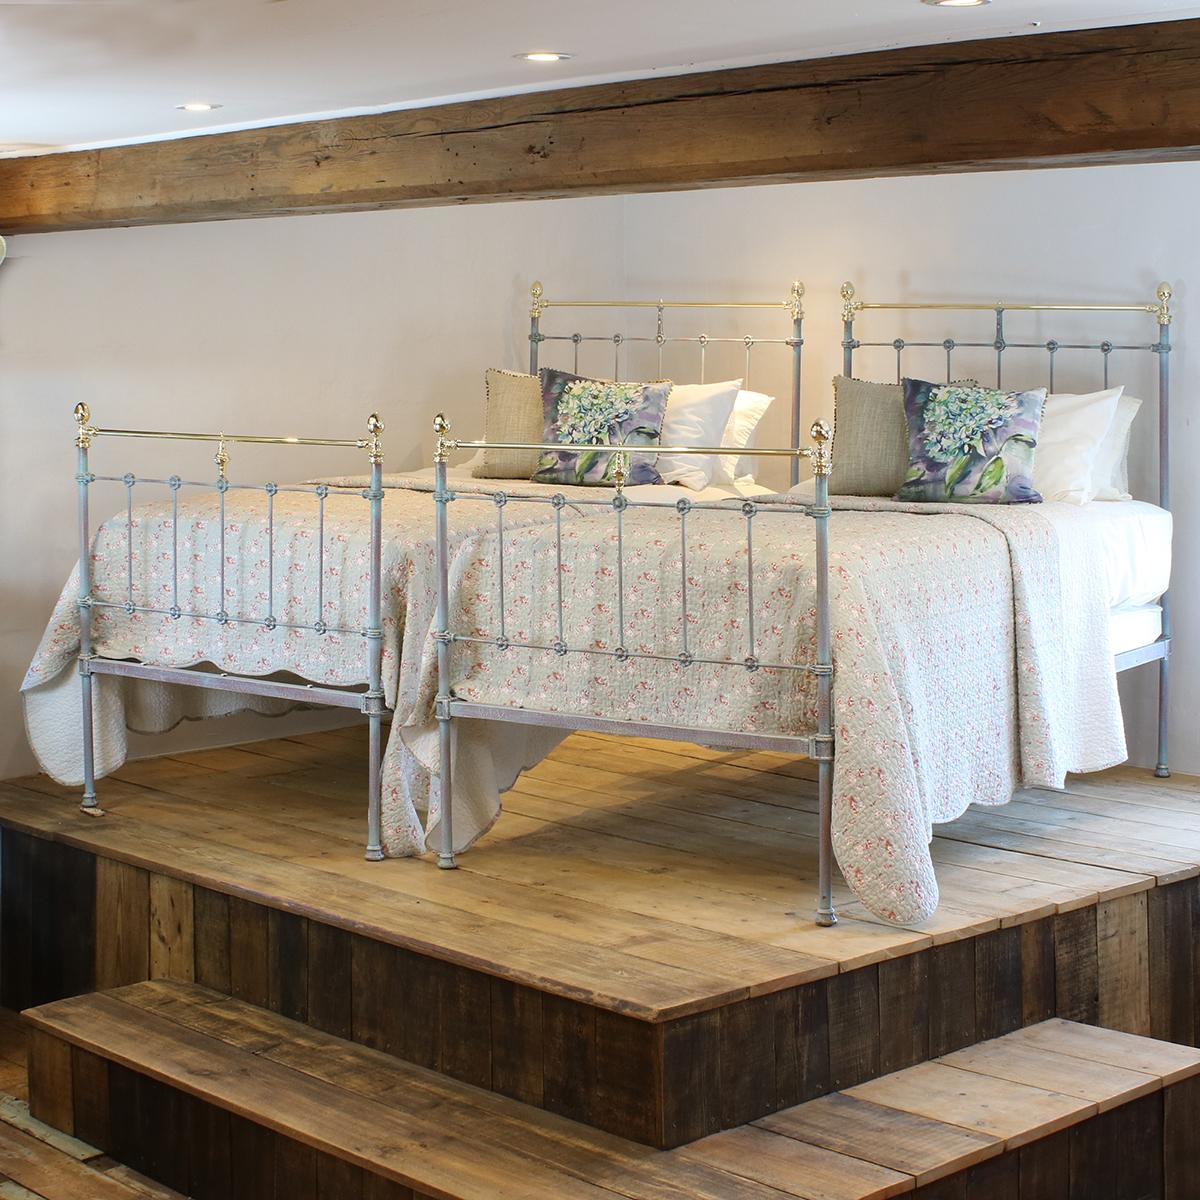 Pair of Antique Beds in Blue Verdigris